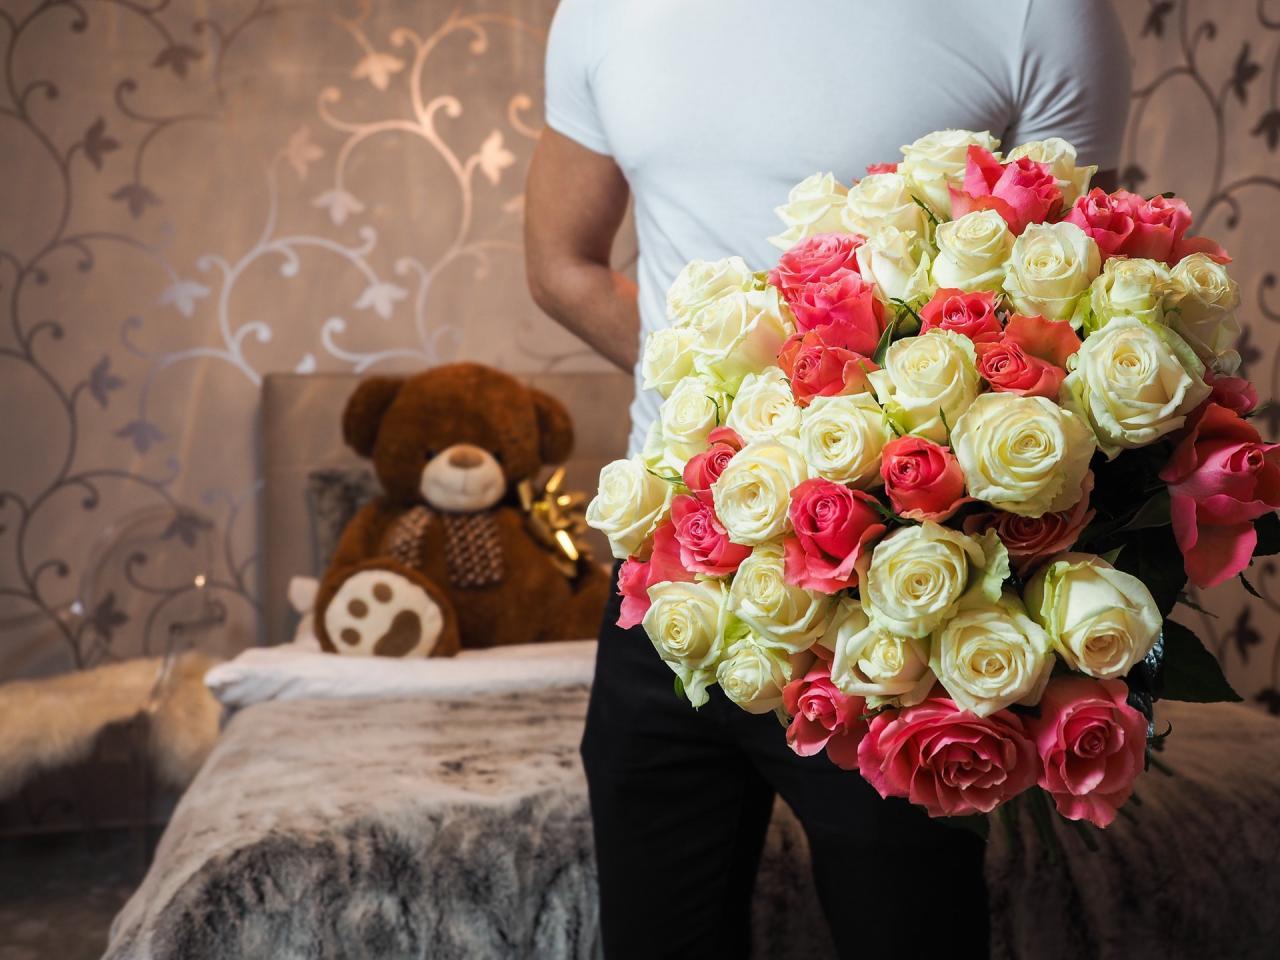 بالصور صور شباب مع ورد , اهميه الورد بين المحبين